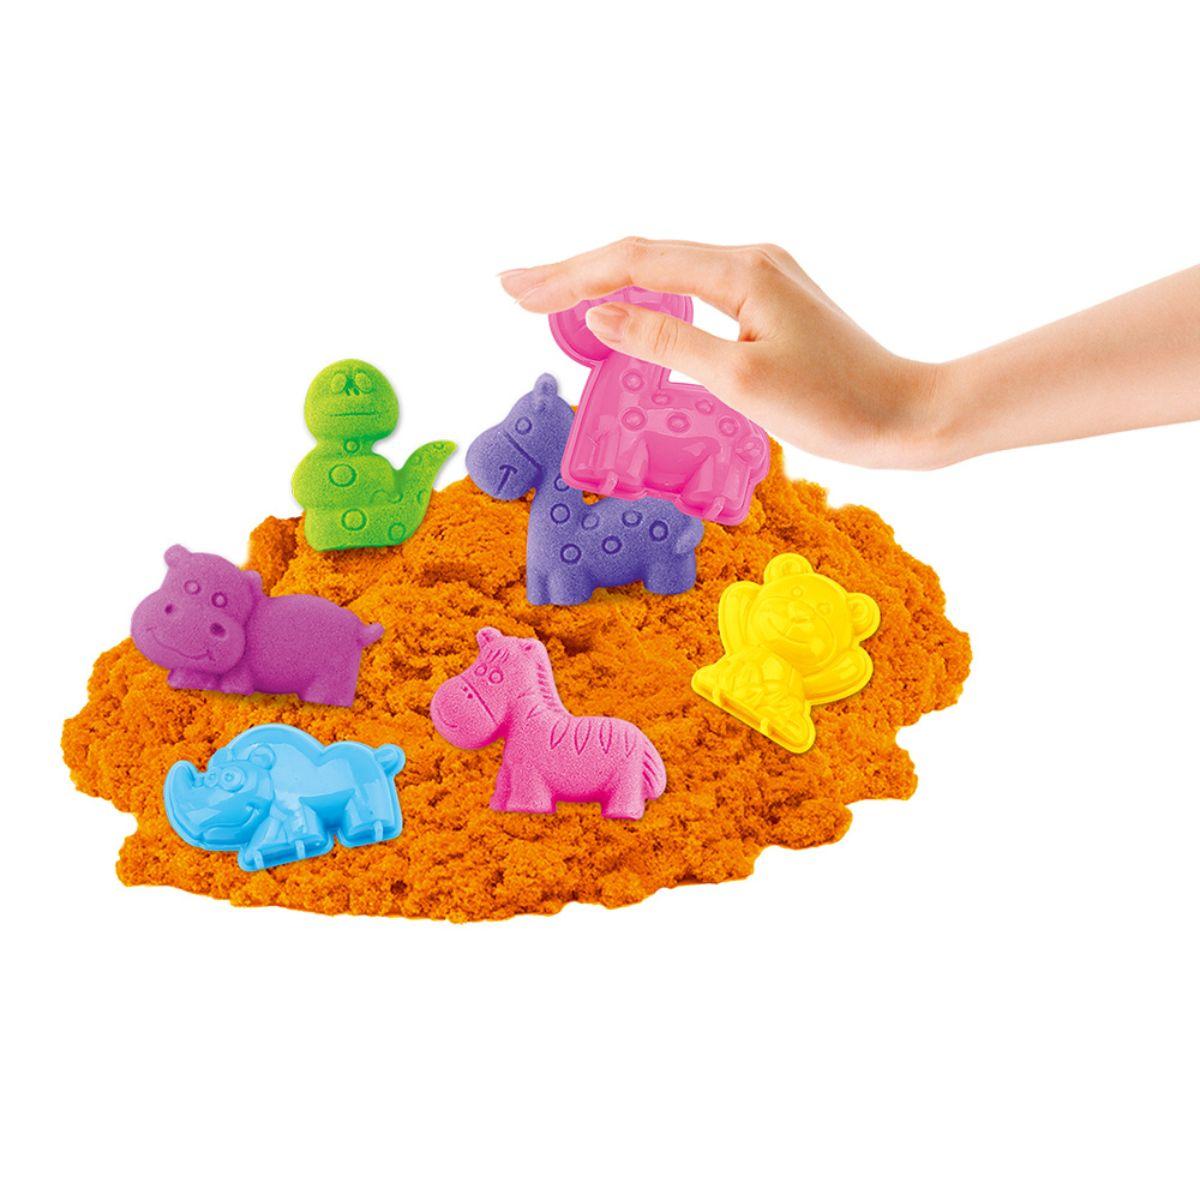 Areia Divertida Pocket Animais Dm Toys Infantil